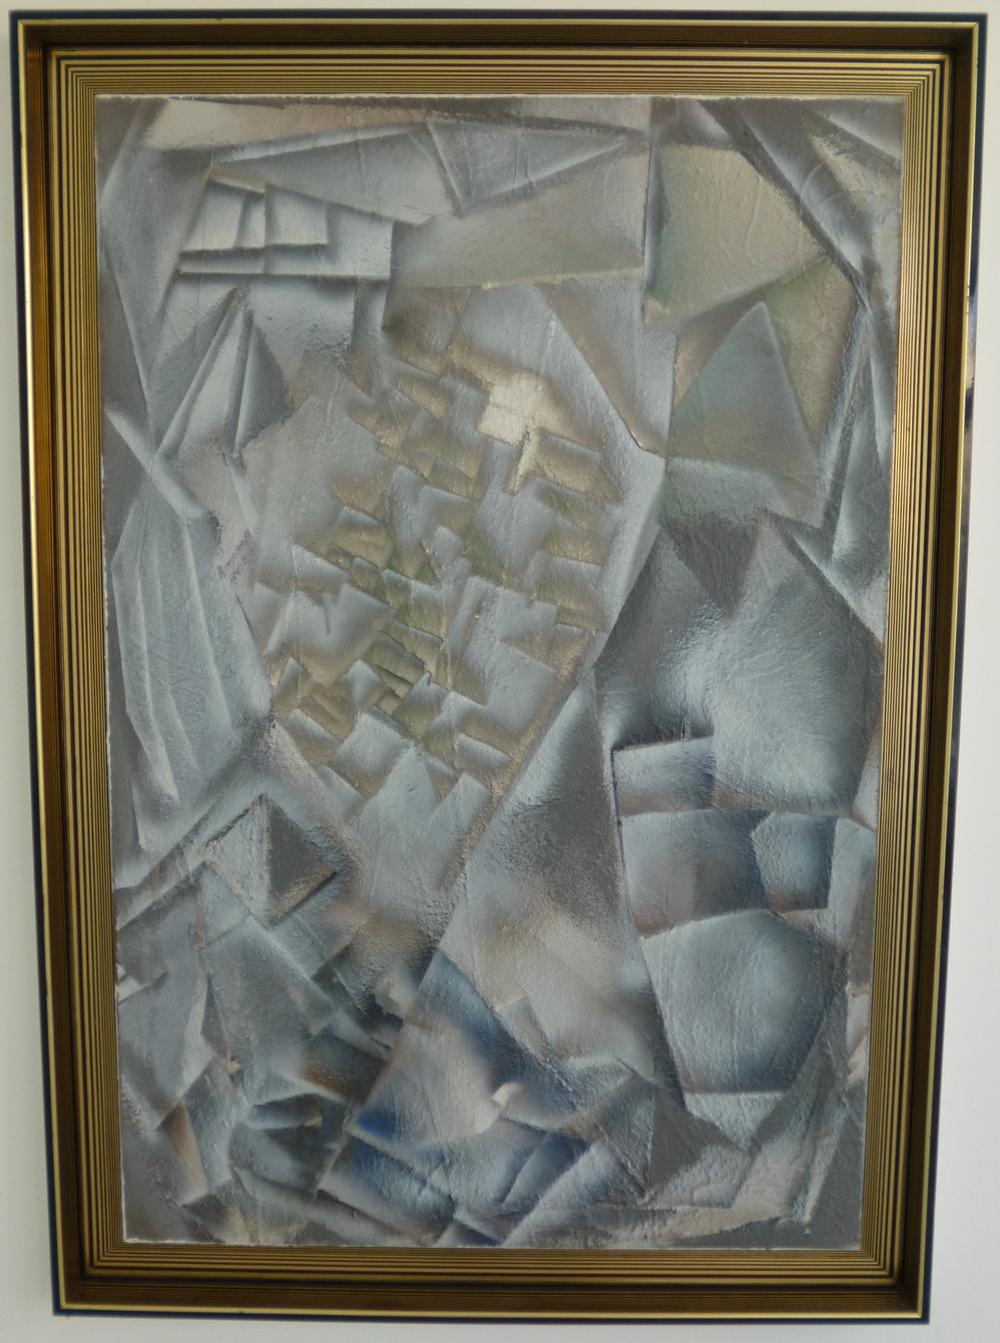 15.Portrét, 2014/15, kombinovaná technika, 117,5 x 167,5